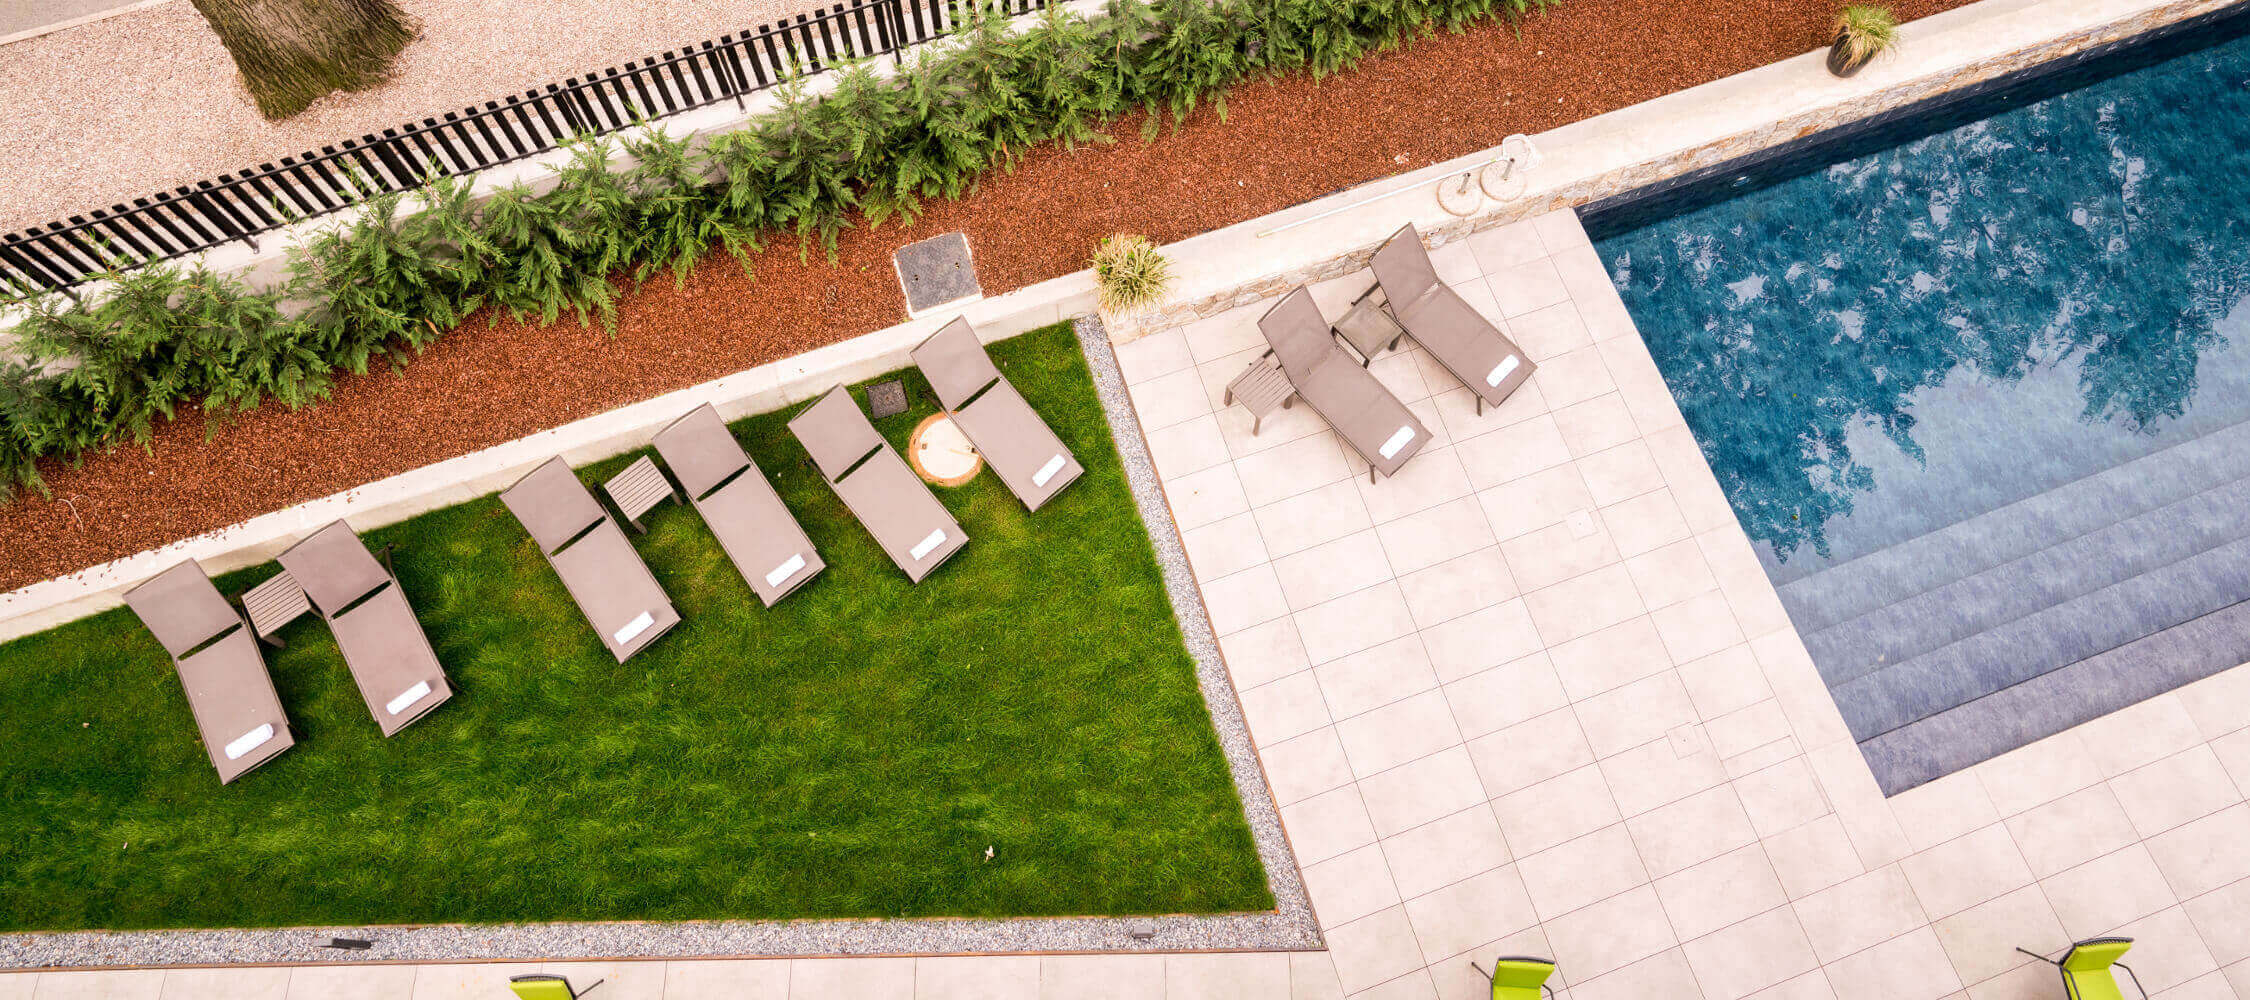 Hotel Flora, Meran, Nähe Thermalzentrum, Kurpromenade, Freischwimmbad, mediterraner Garten, Jacuzzi, Liegewiese, ruhige Lage